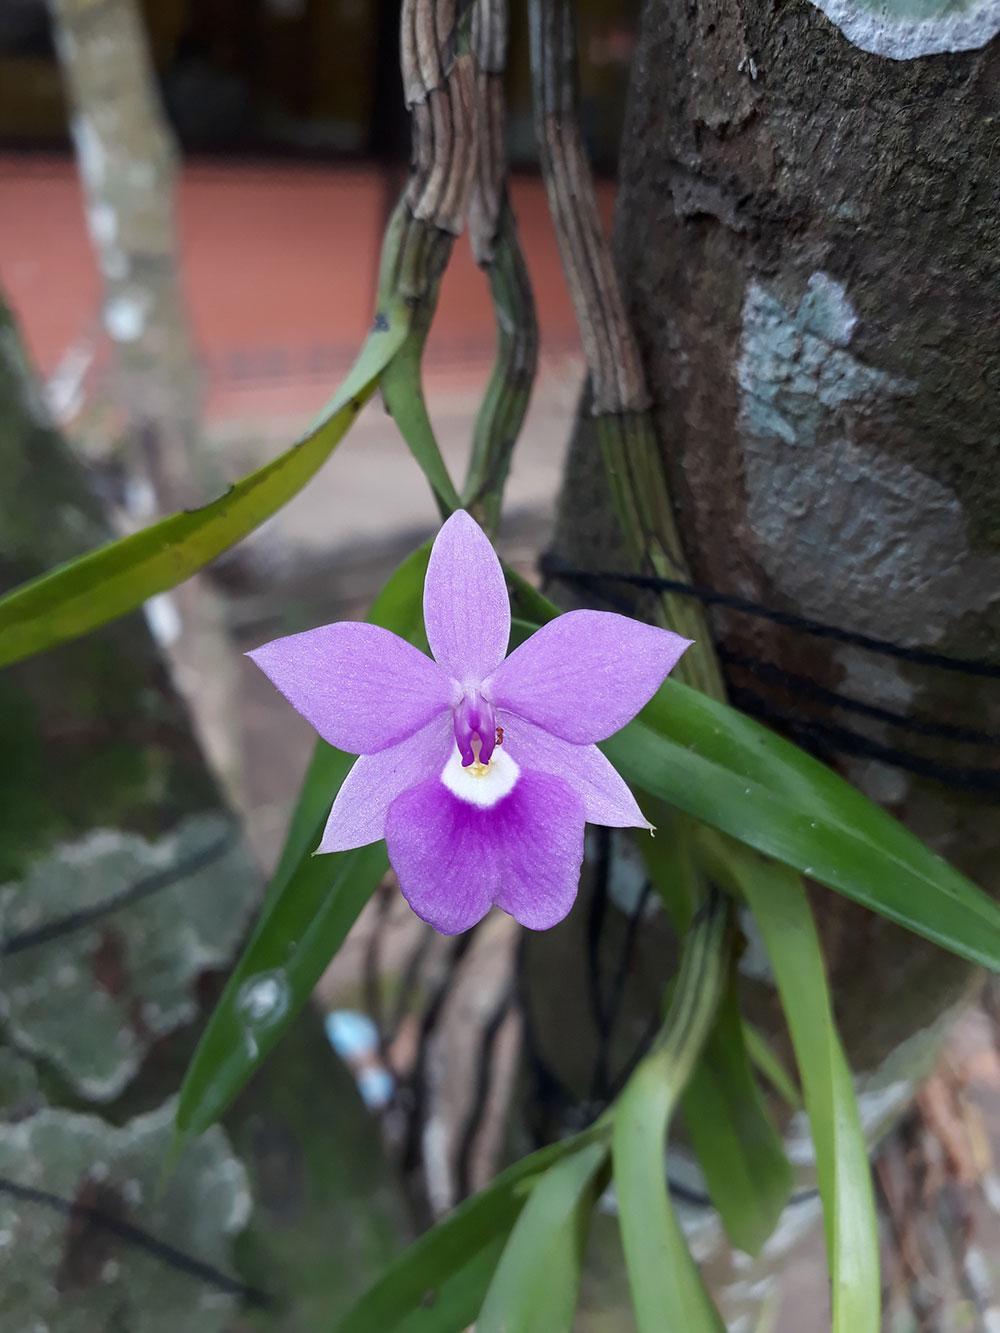 裂床兰Dimerandra emarginata (G.Mey.) Hoehne